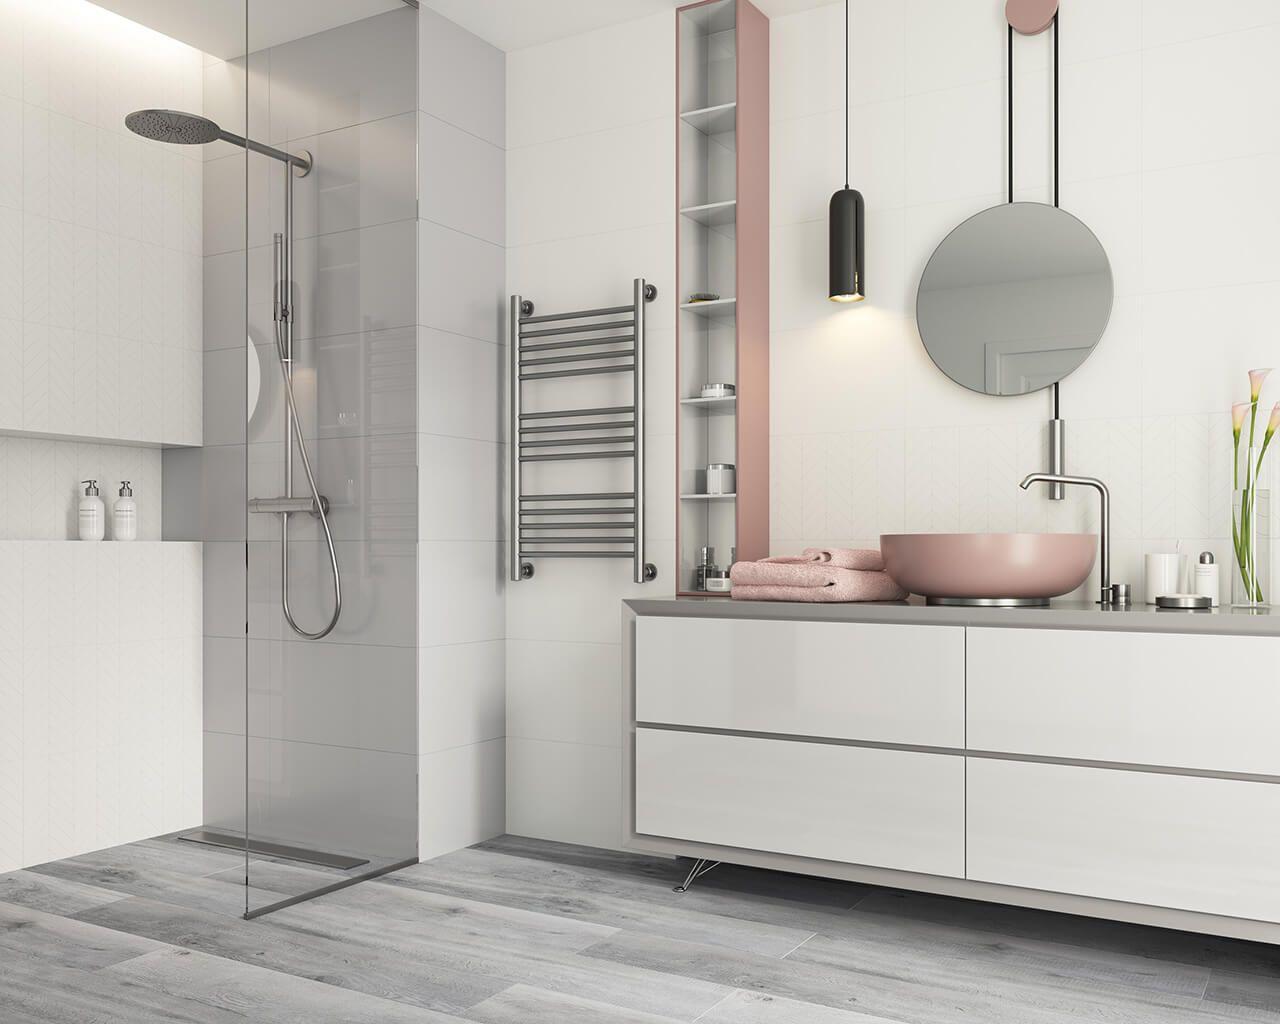 Weißes Badezimmer mit einem Hauch von Grau und Puderrosa